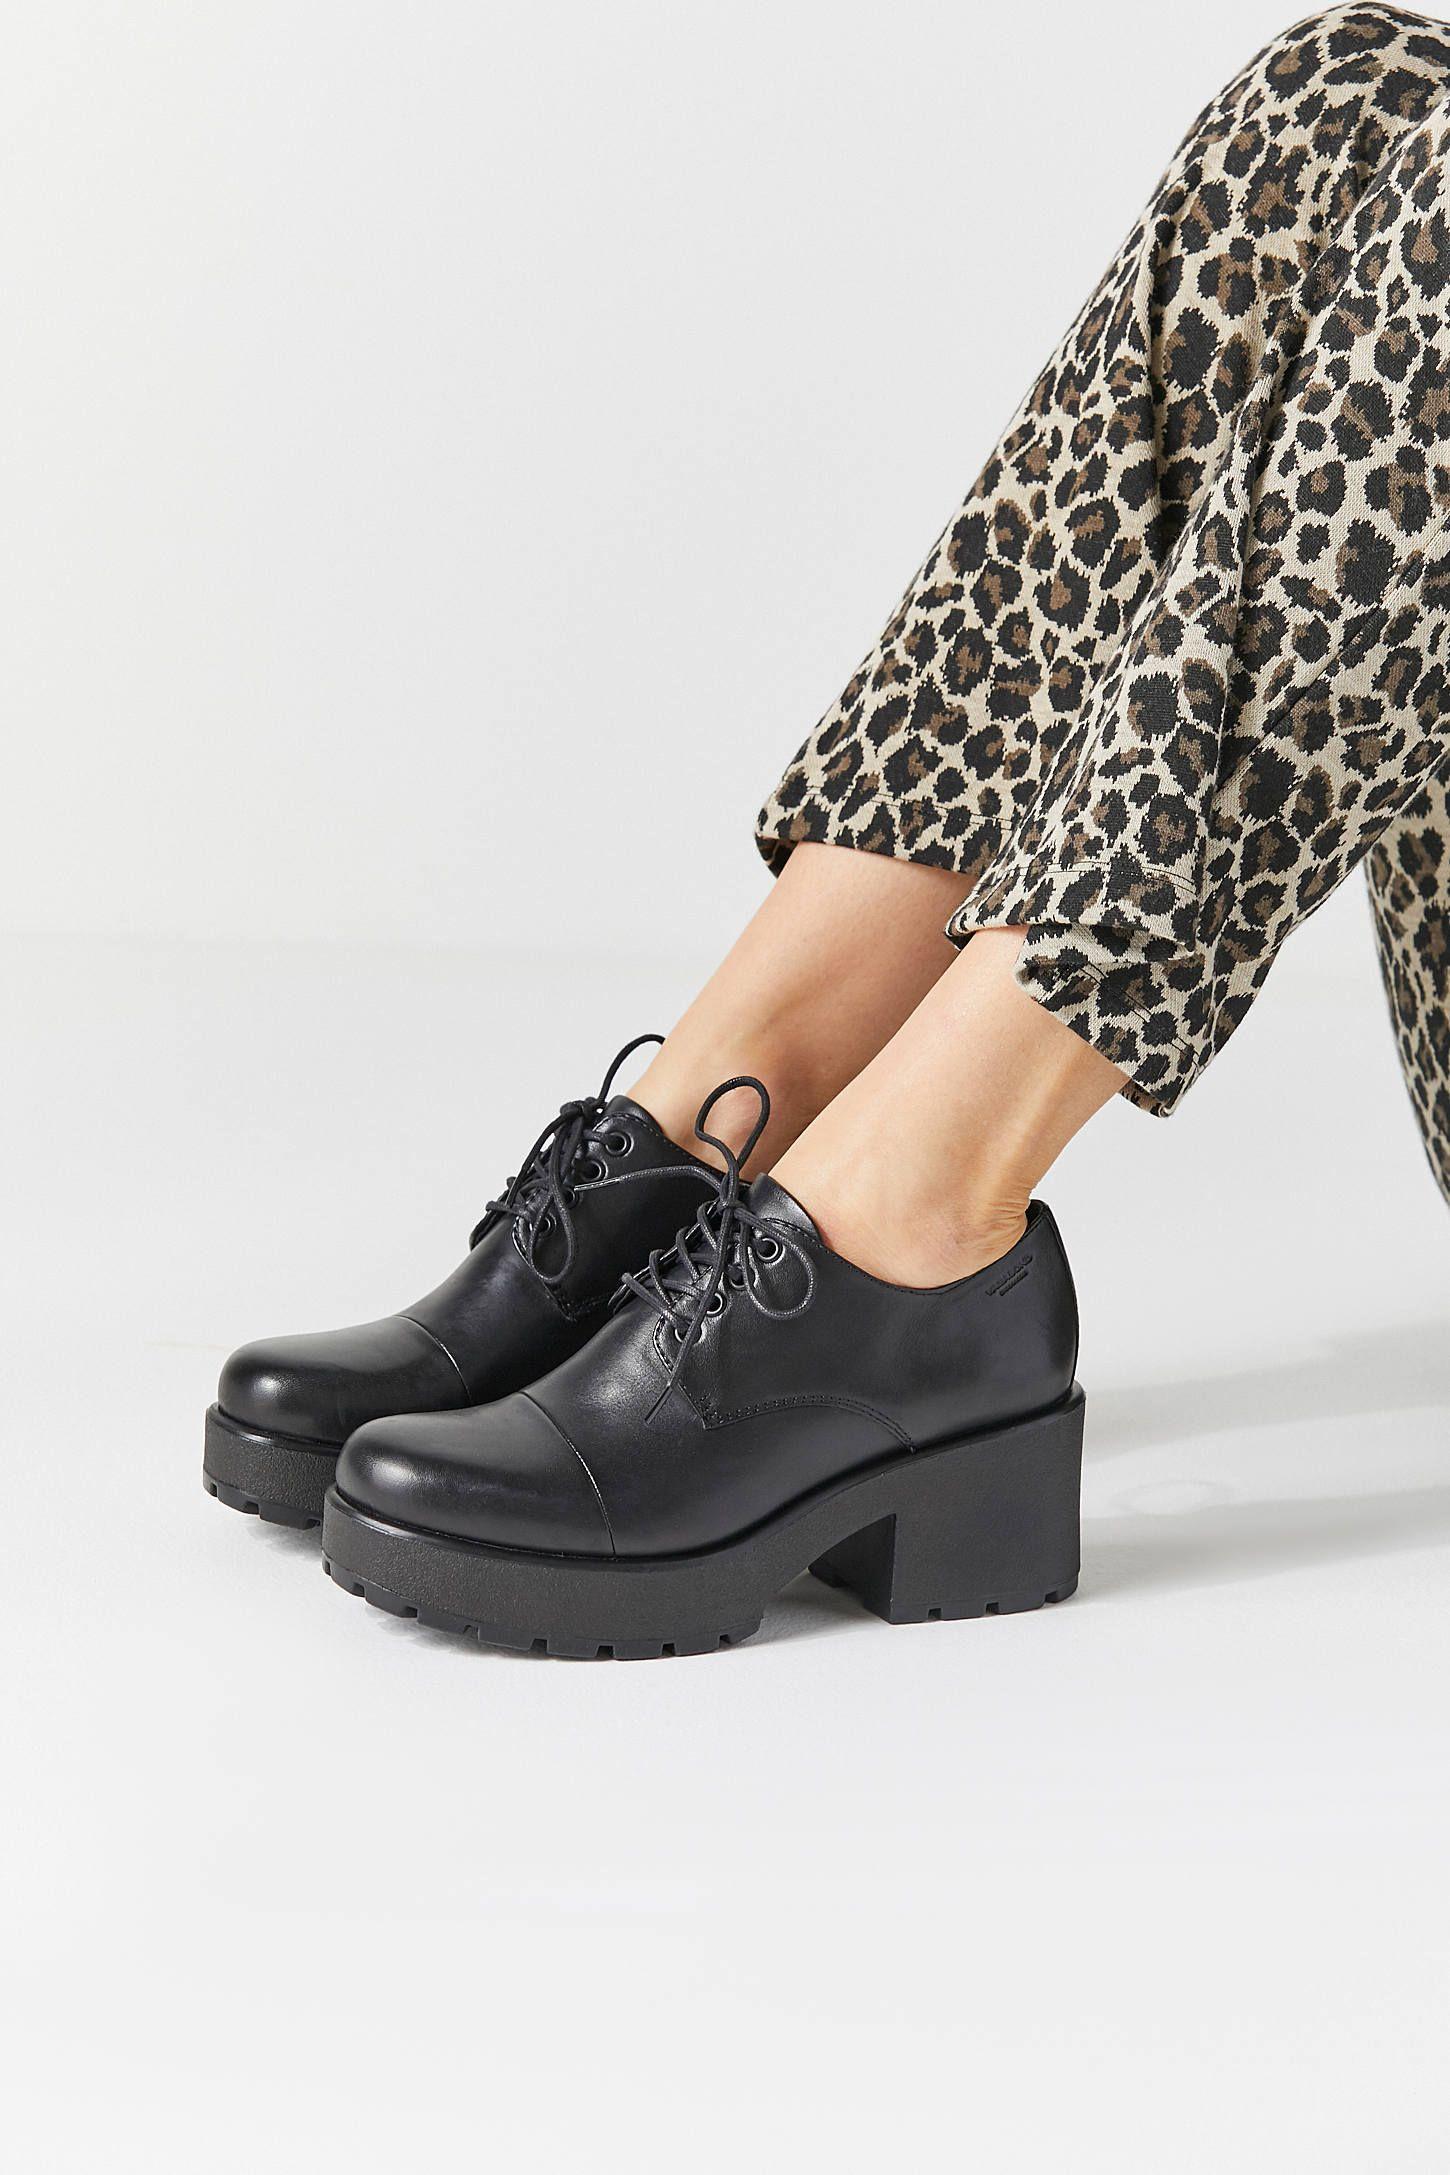 vagabond shoemakers dioon platform loafer